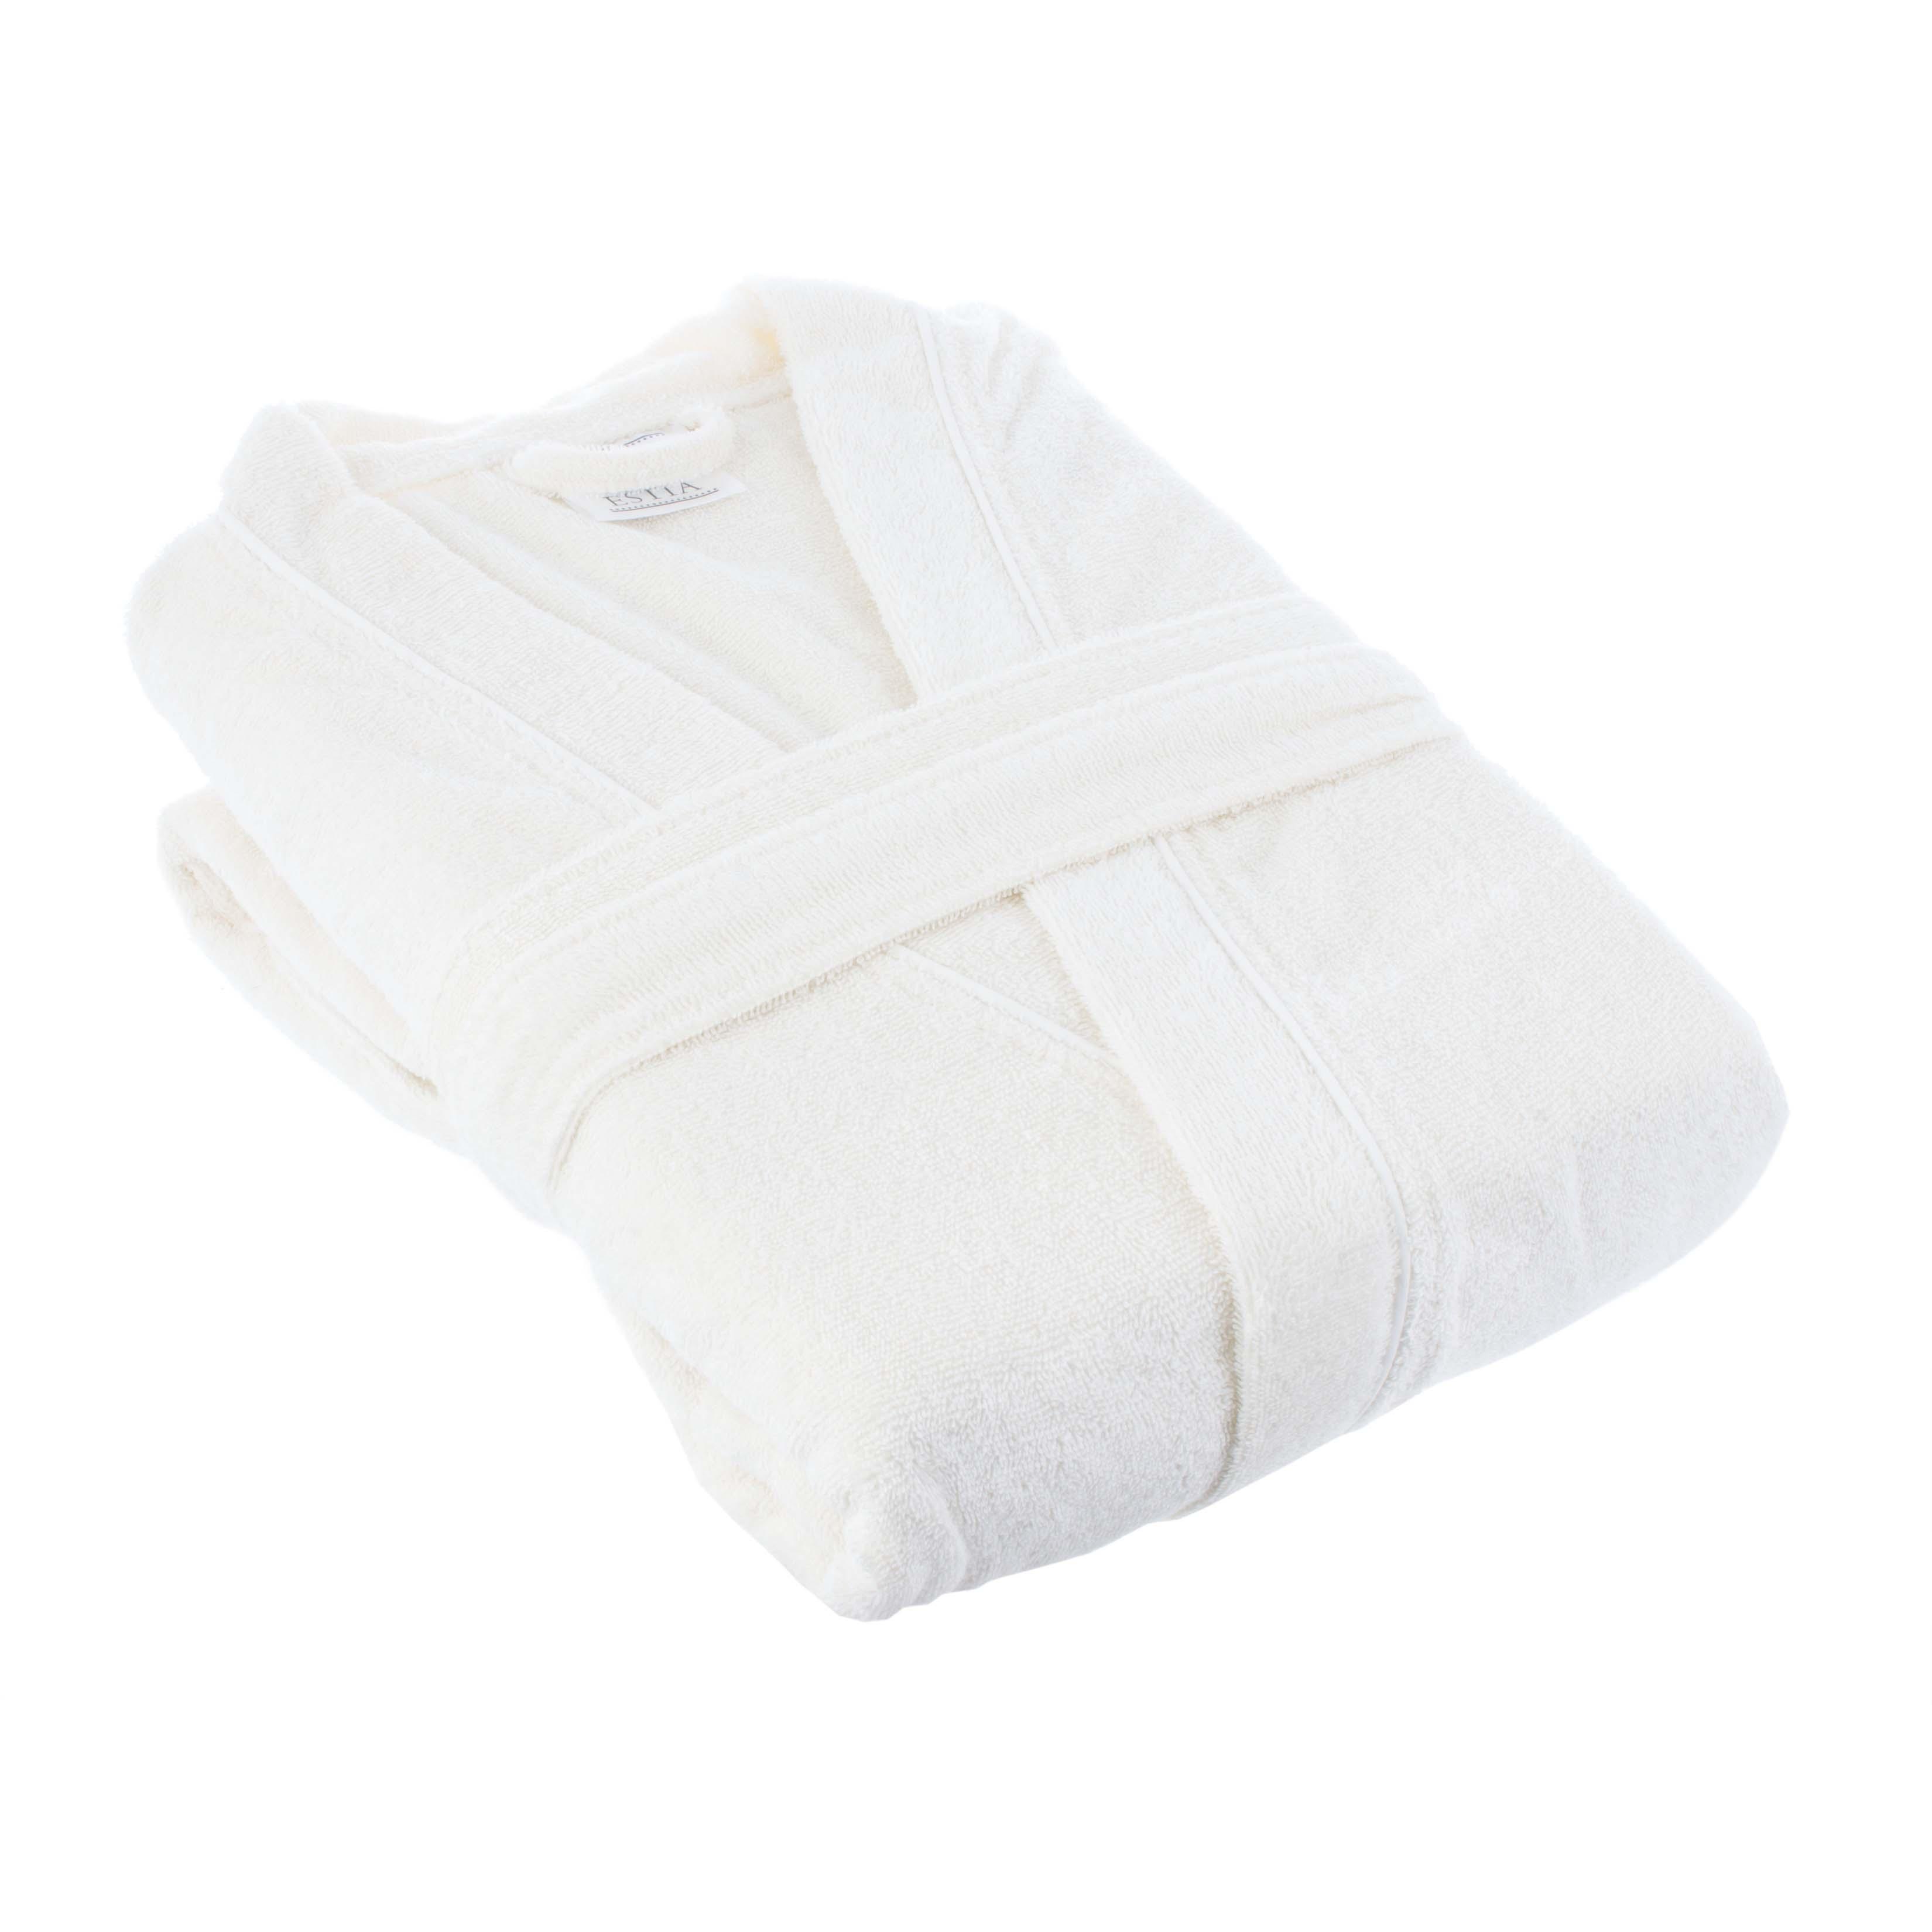 Халат либерти кимоно l/xl -48/50 Estia 99.54.51.0077 домашние халаты pastilla домашний халат лира l xl